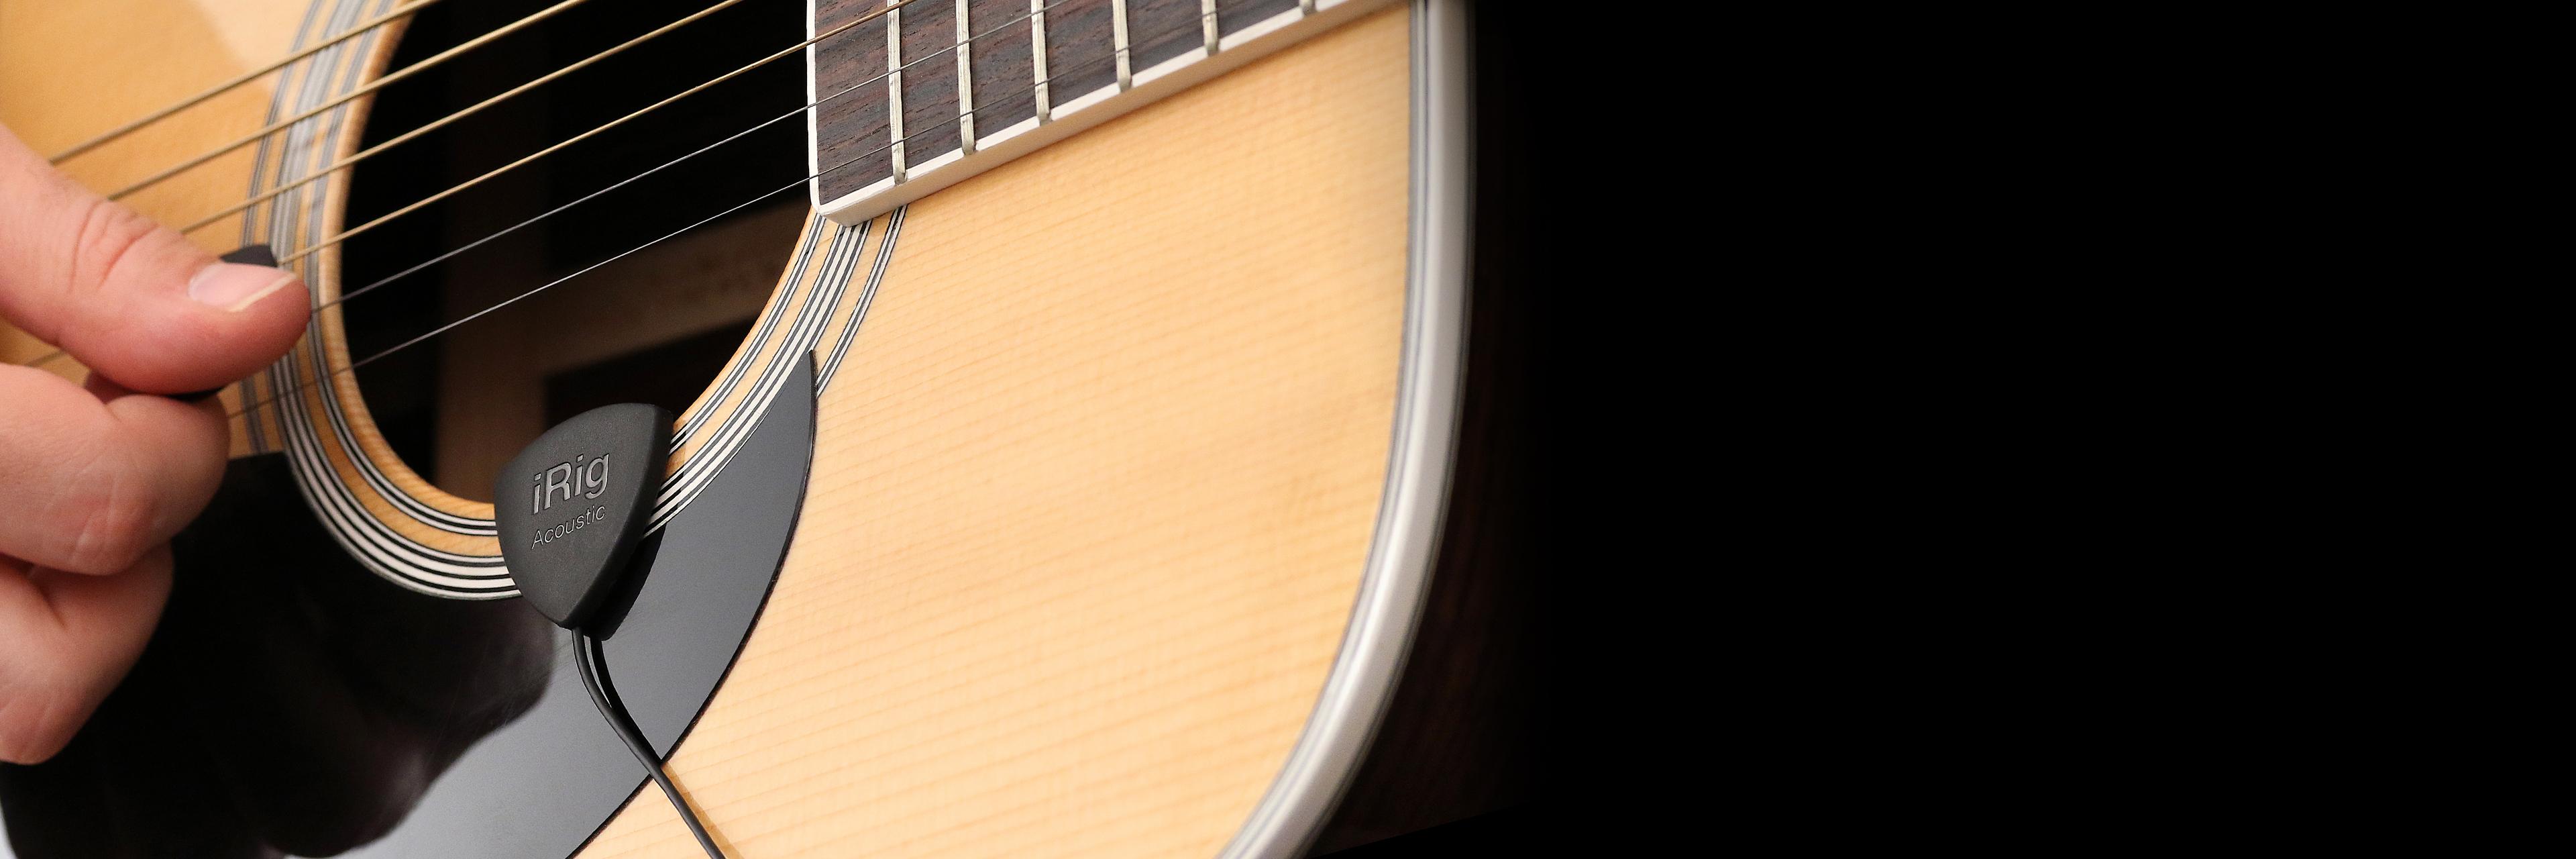 Ik Multimedia Irig Acoustic Steel Guitar Wiring Diagram Mobile Microphone Interface